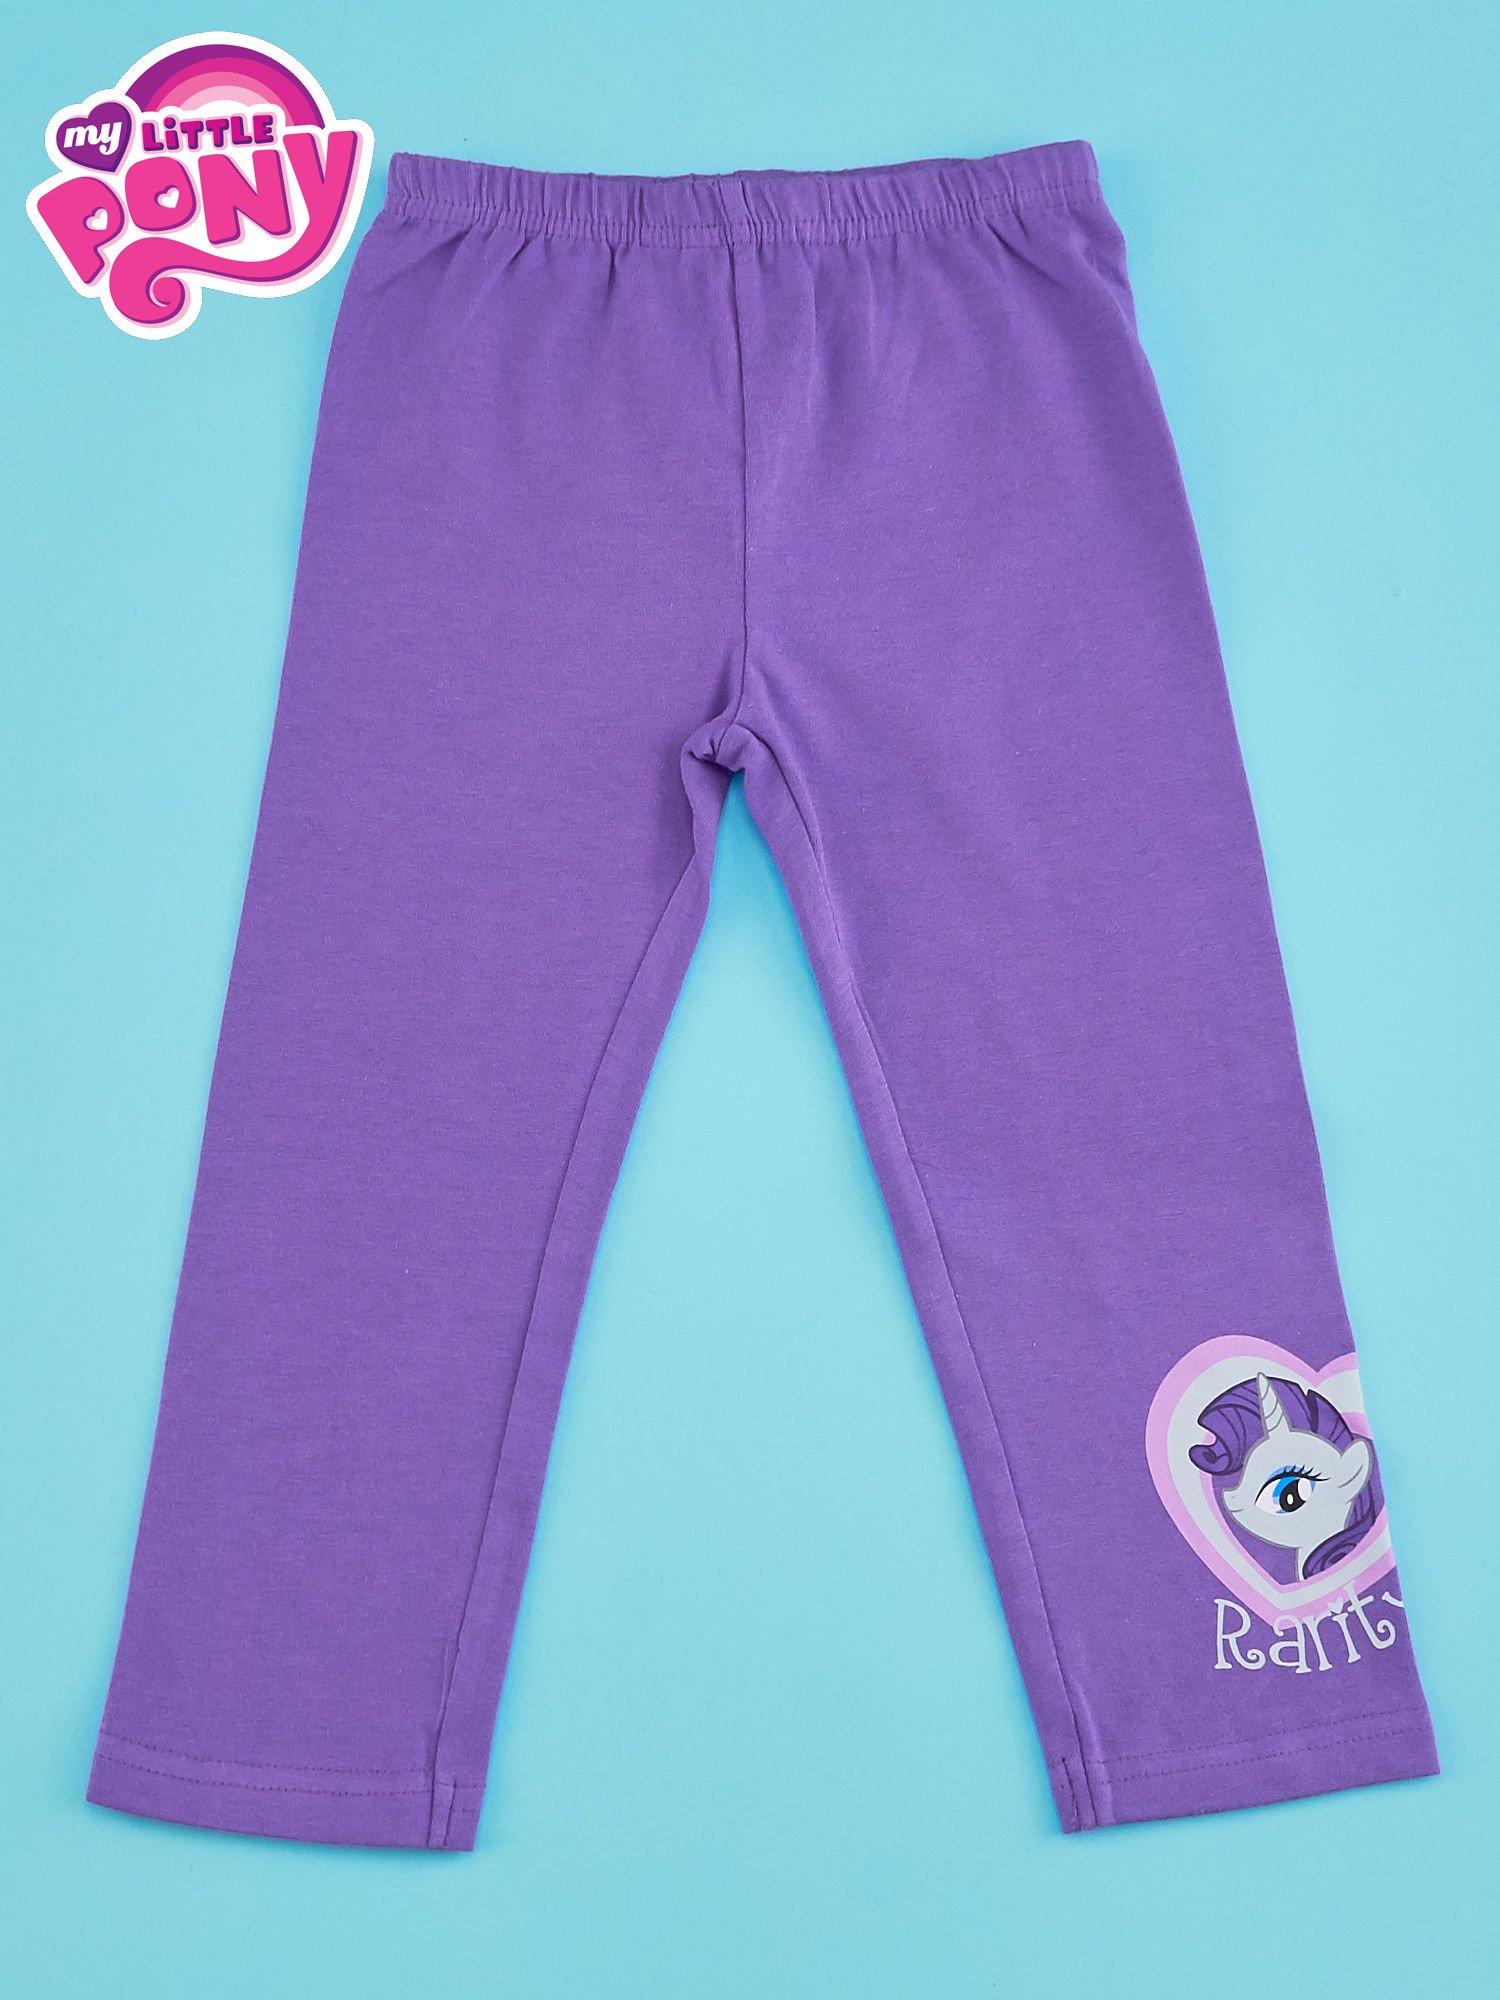 Fioletowe legginsy dla dziewczynki MY LITTLE PONY                                  zdj.                                  1